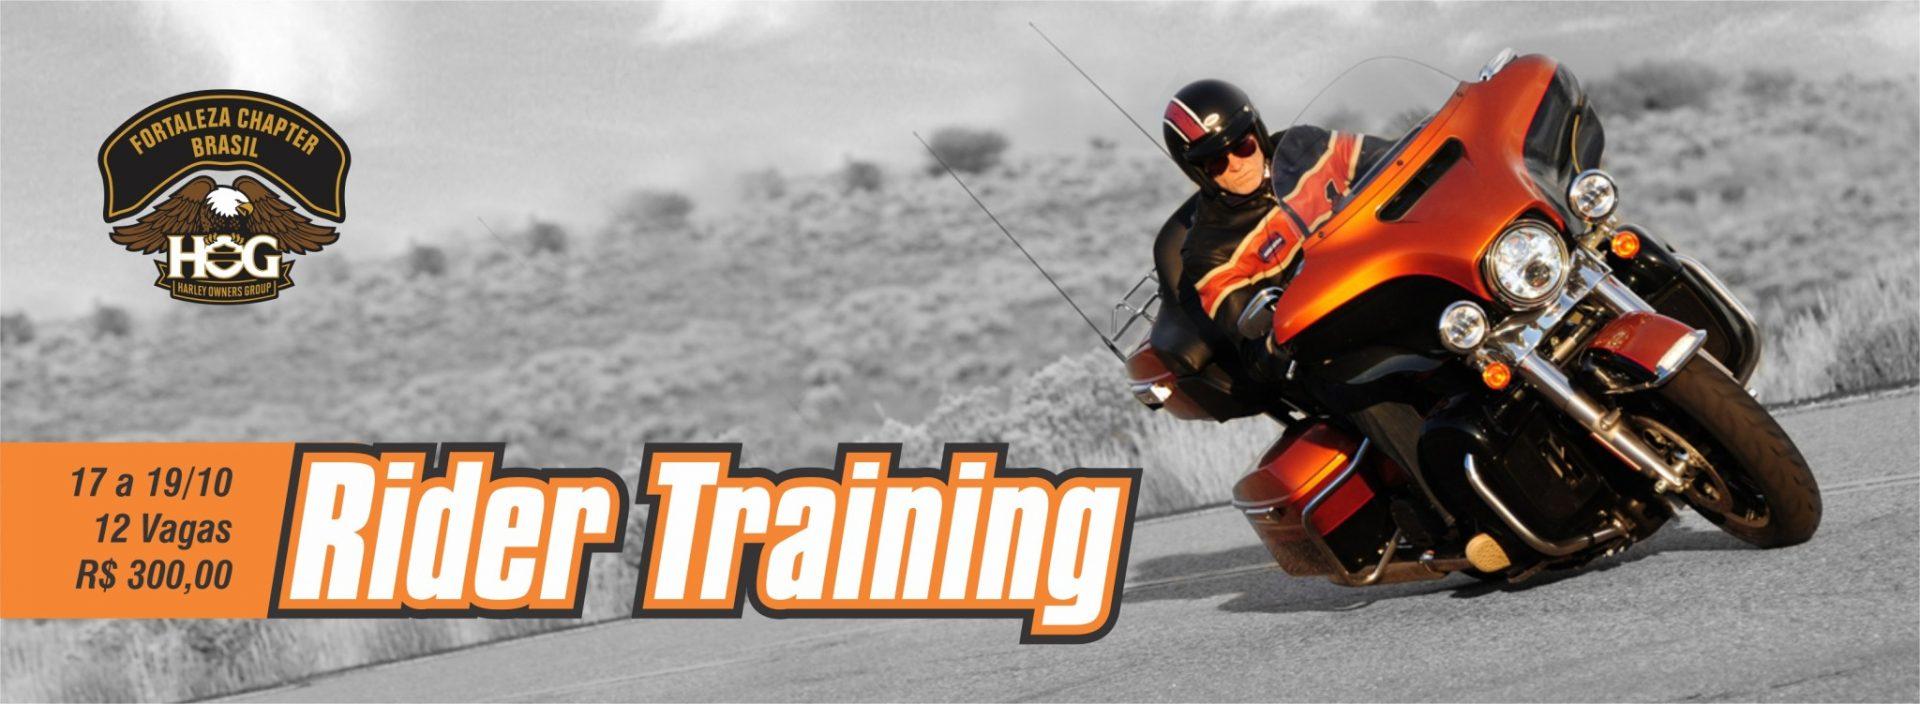 Rider Training - Site T2